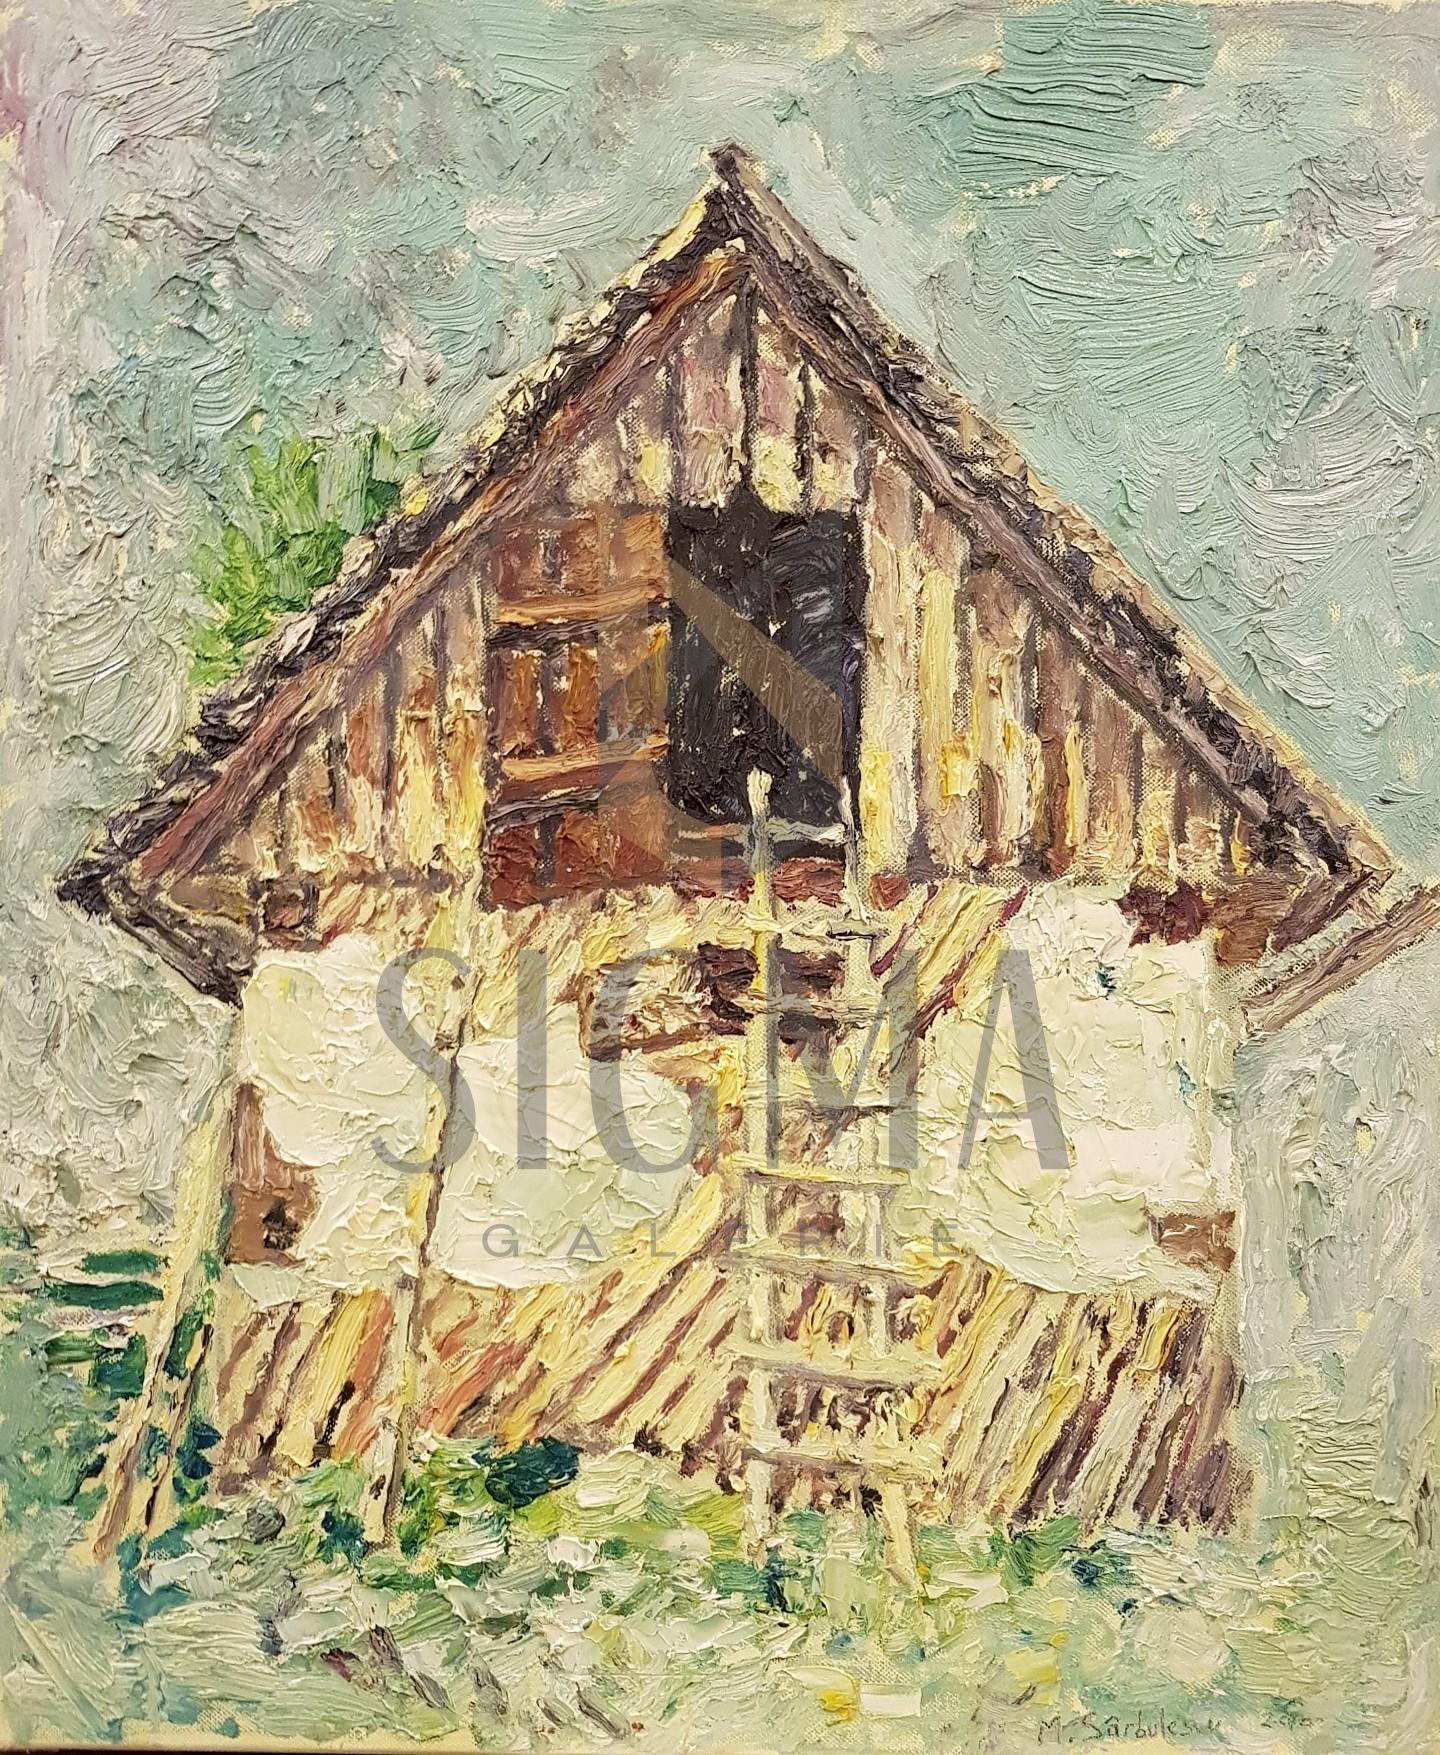 """TABLOU, MIHAI SARBULESCU """" CASA TARANEASCA"""" U/P,  ( 60 cm x 50 cm ), 2010"""